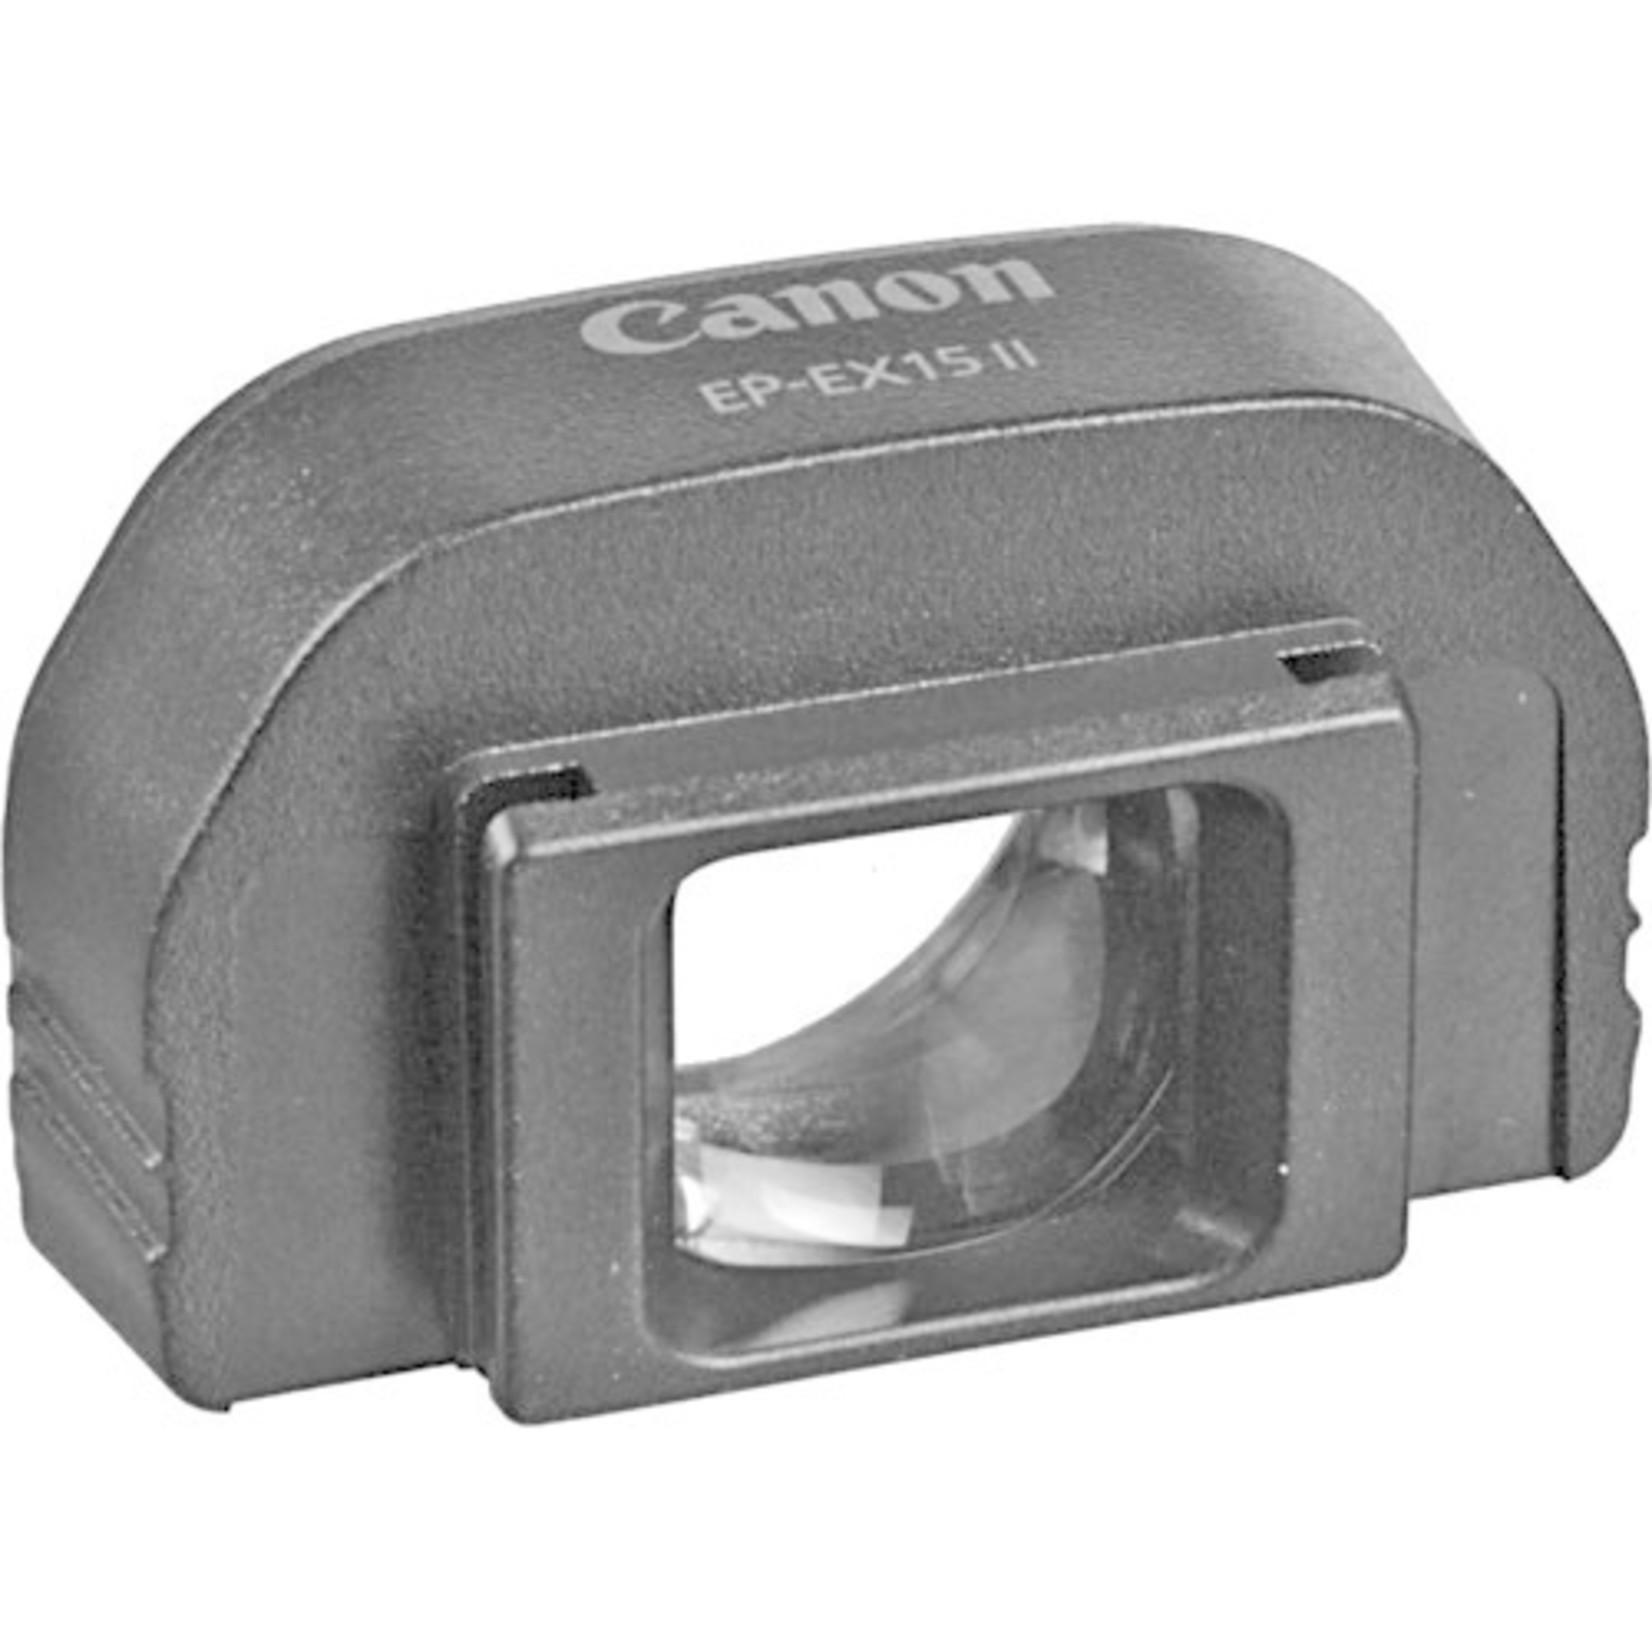 Canon Canon EP-EX15 II Eyepiece Extender for Select Canon DSLRs